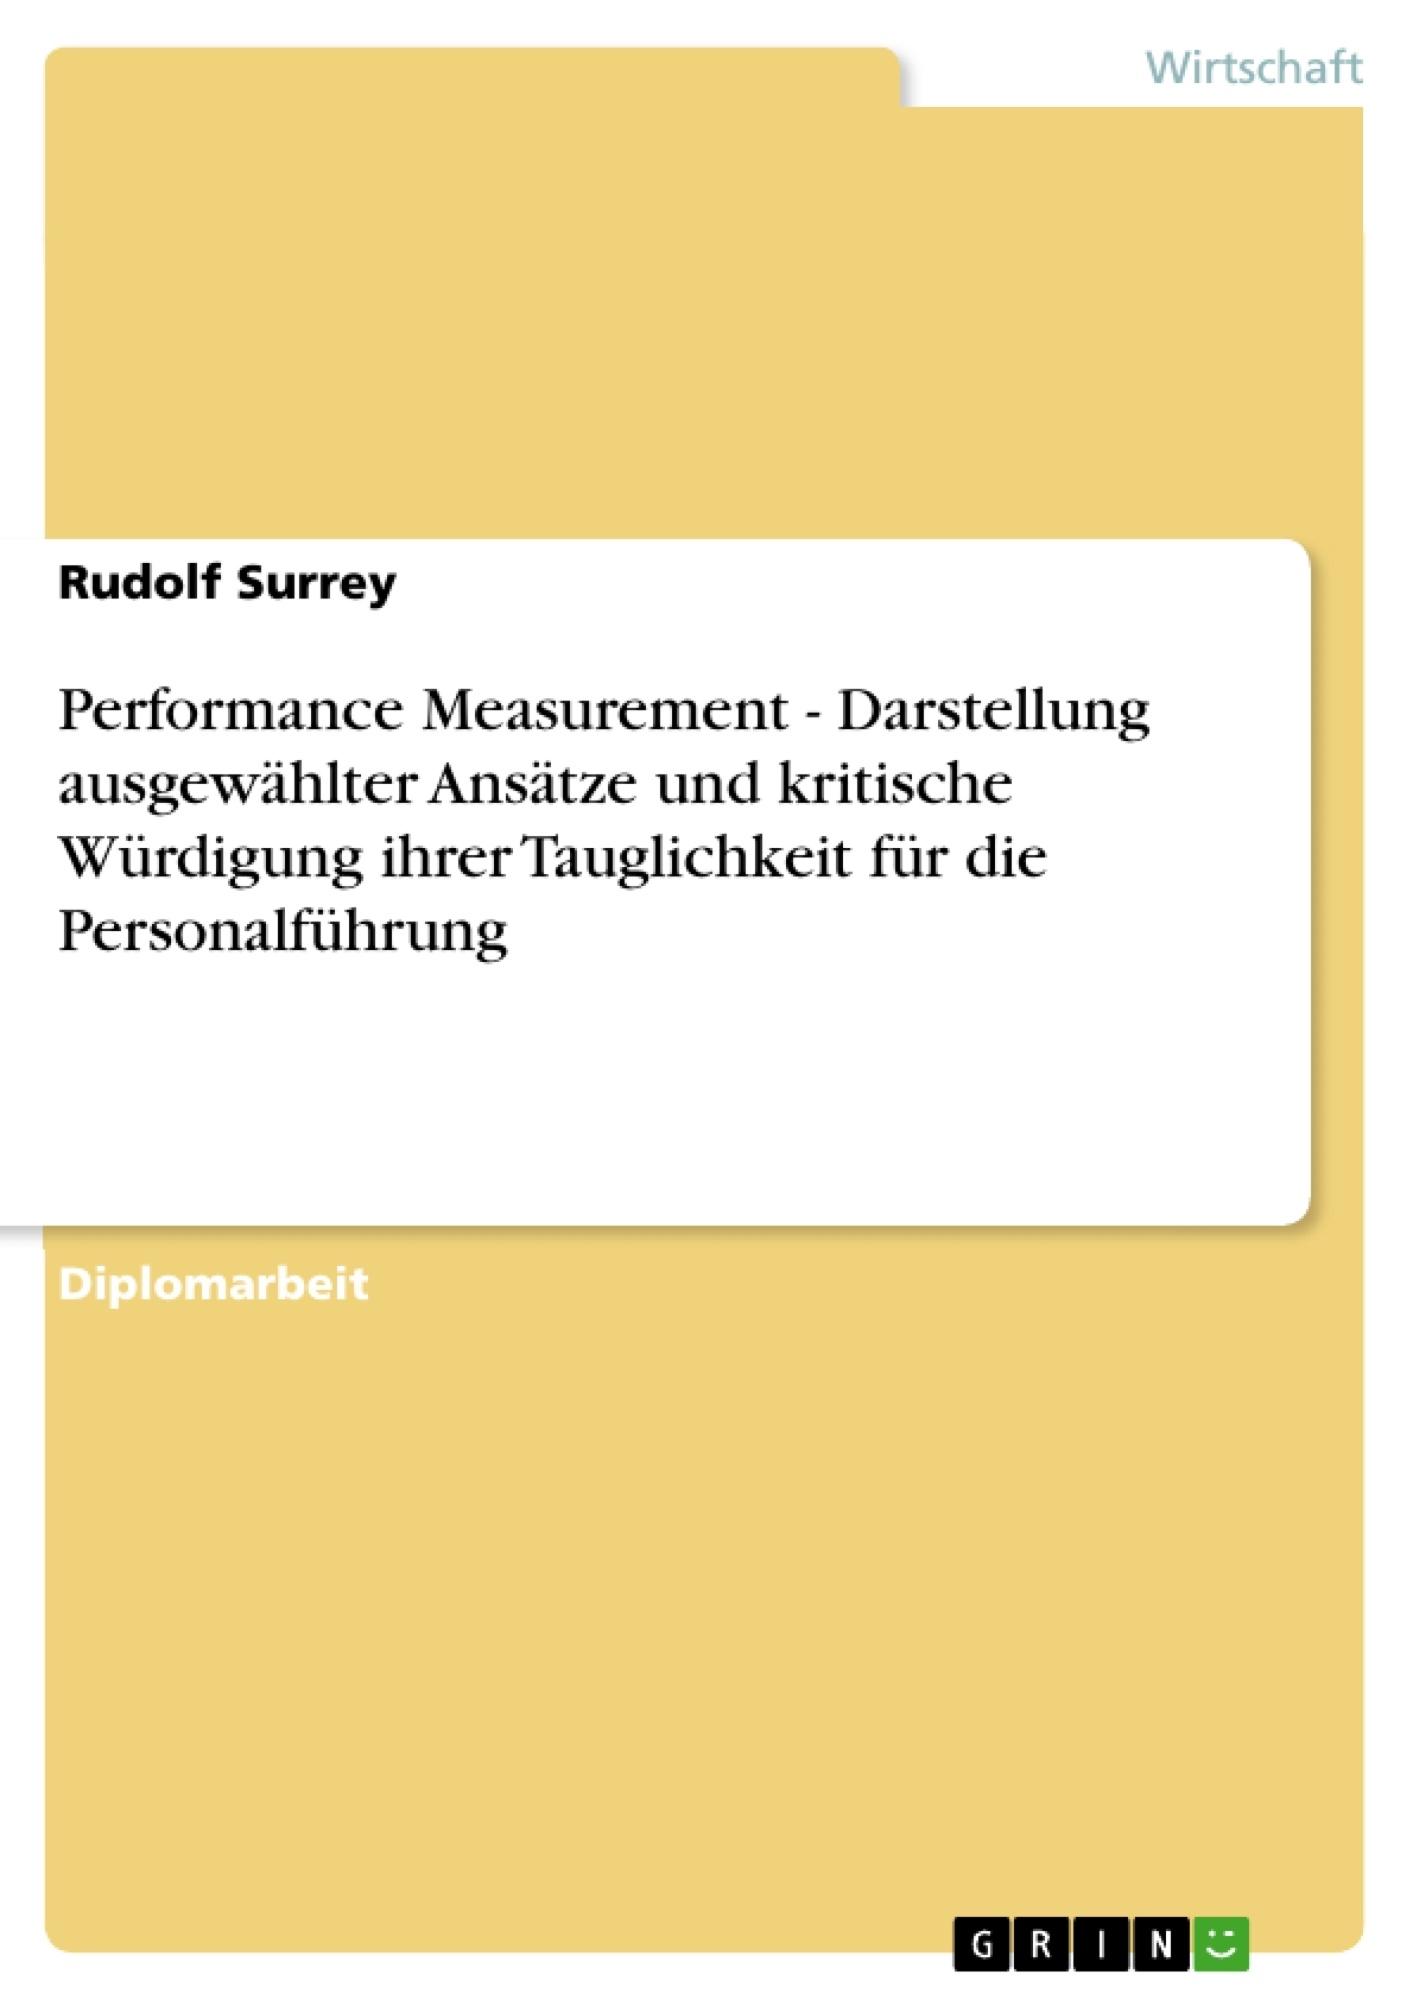 Titel: Performance Measurement - Darstellung ausgewählter Ansätze und kritische Würdigung ihrer Tauglichkeit für die Personalführung